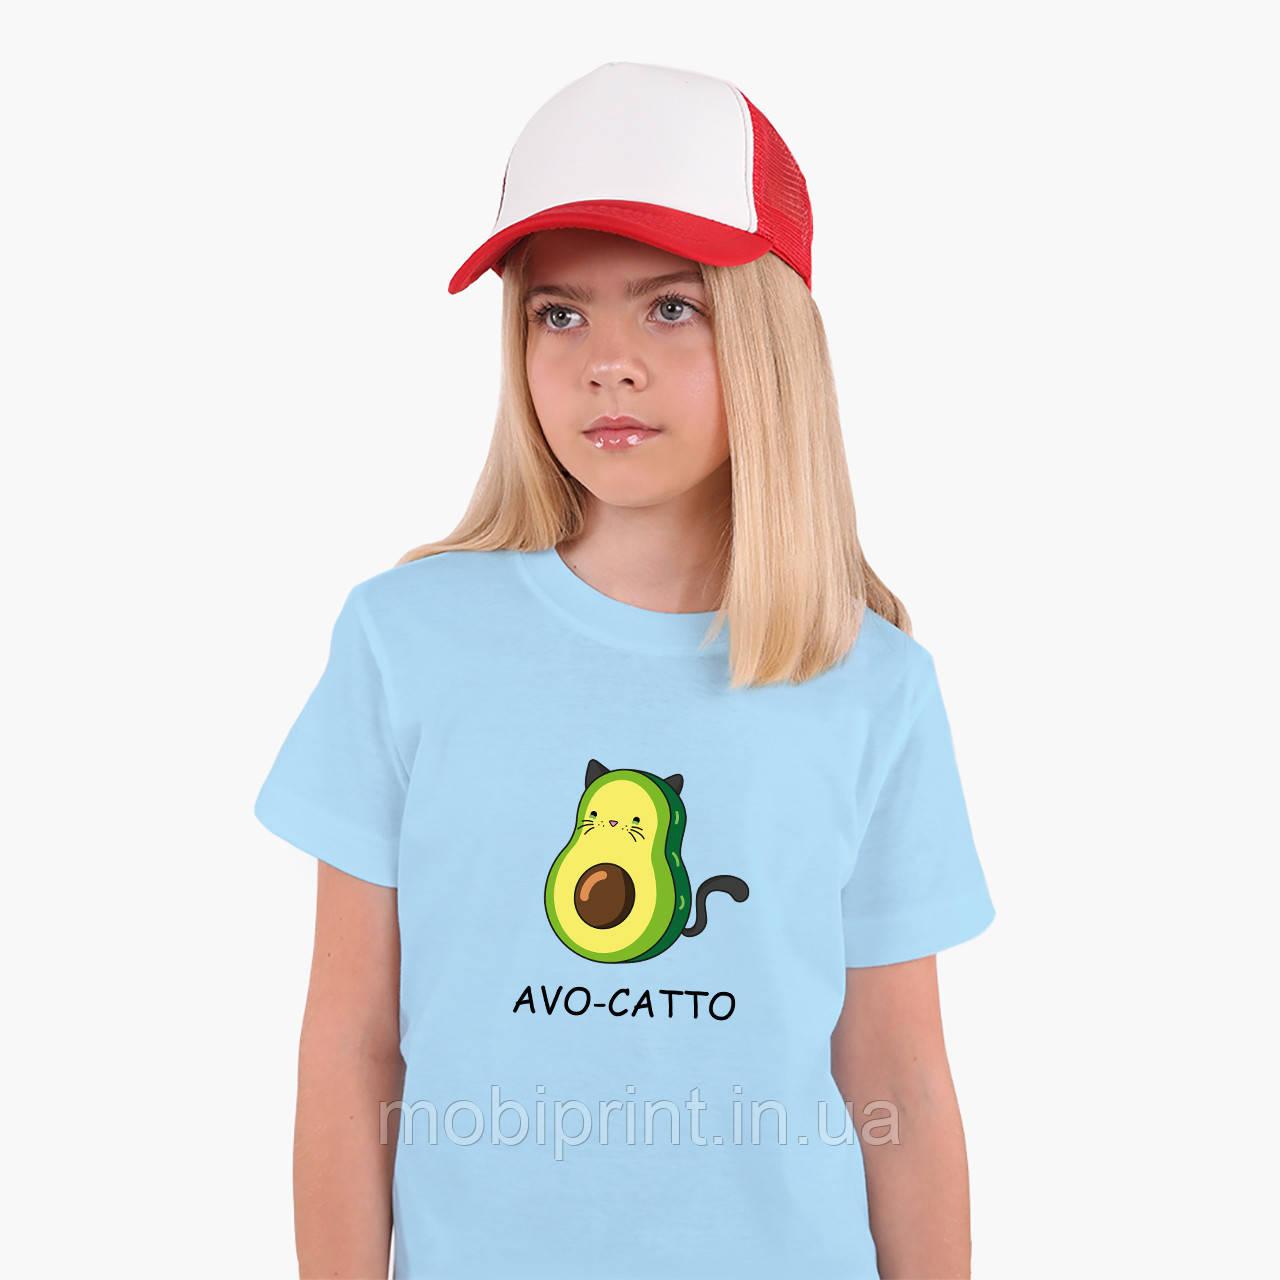 Детская футболка для девочек Авокадо (Avocado) (25186-1372) Голубой